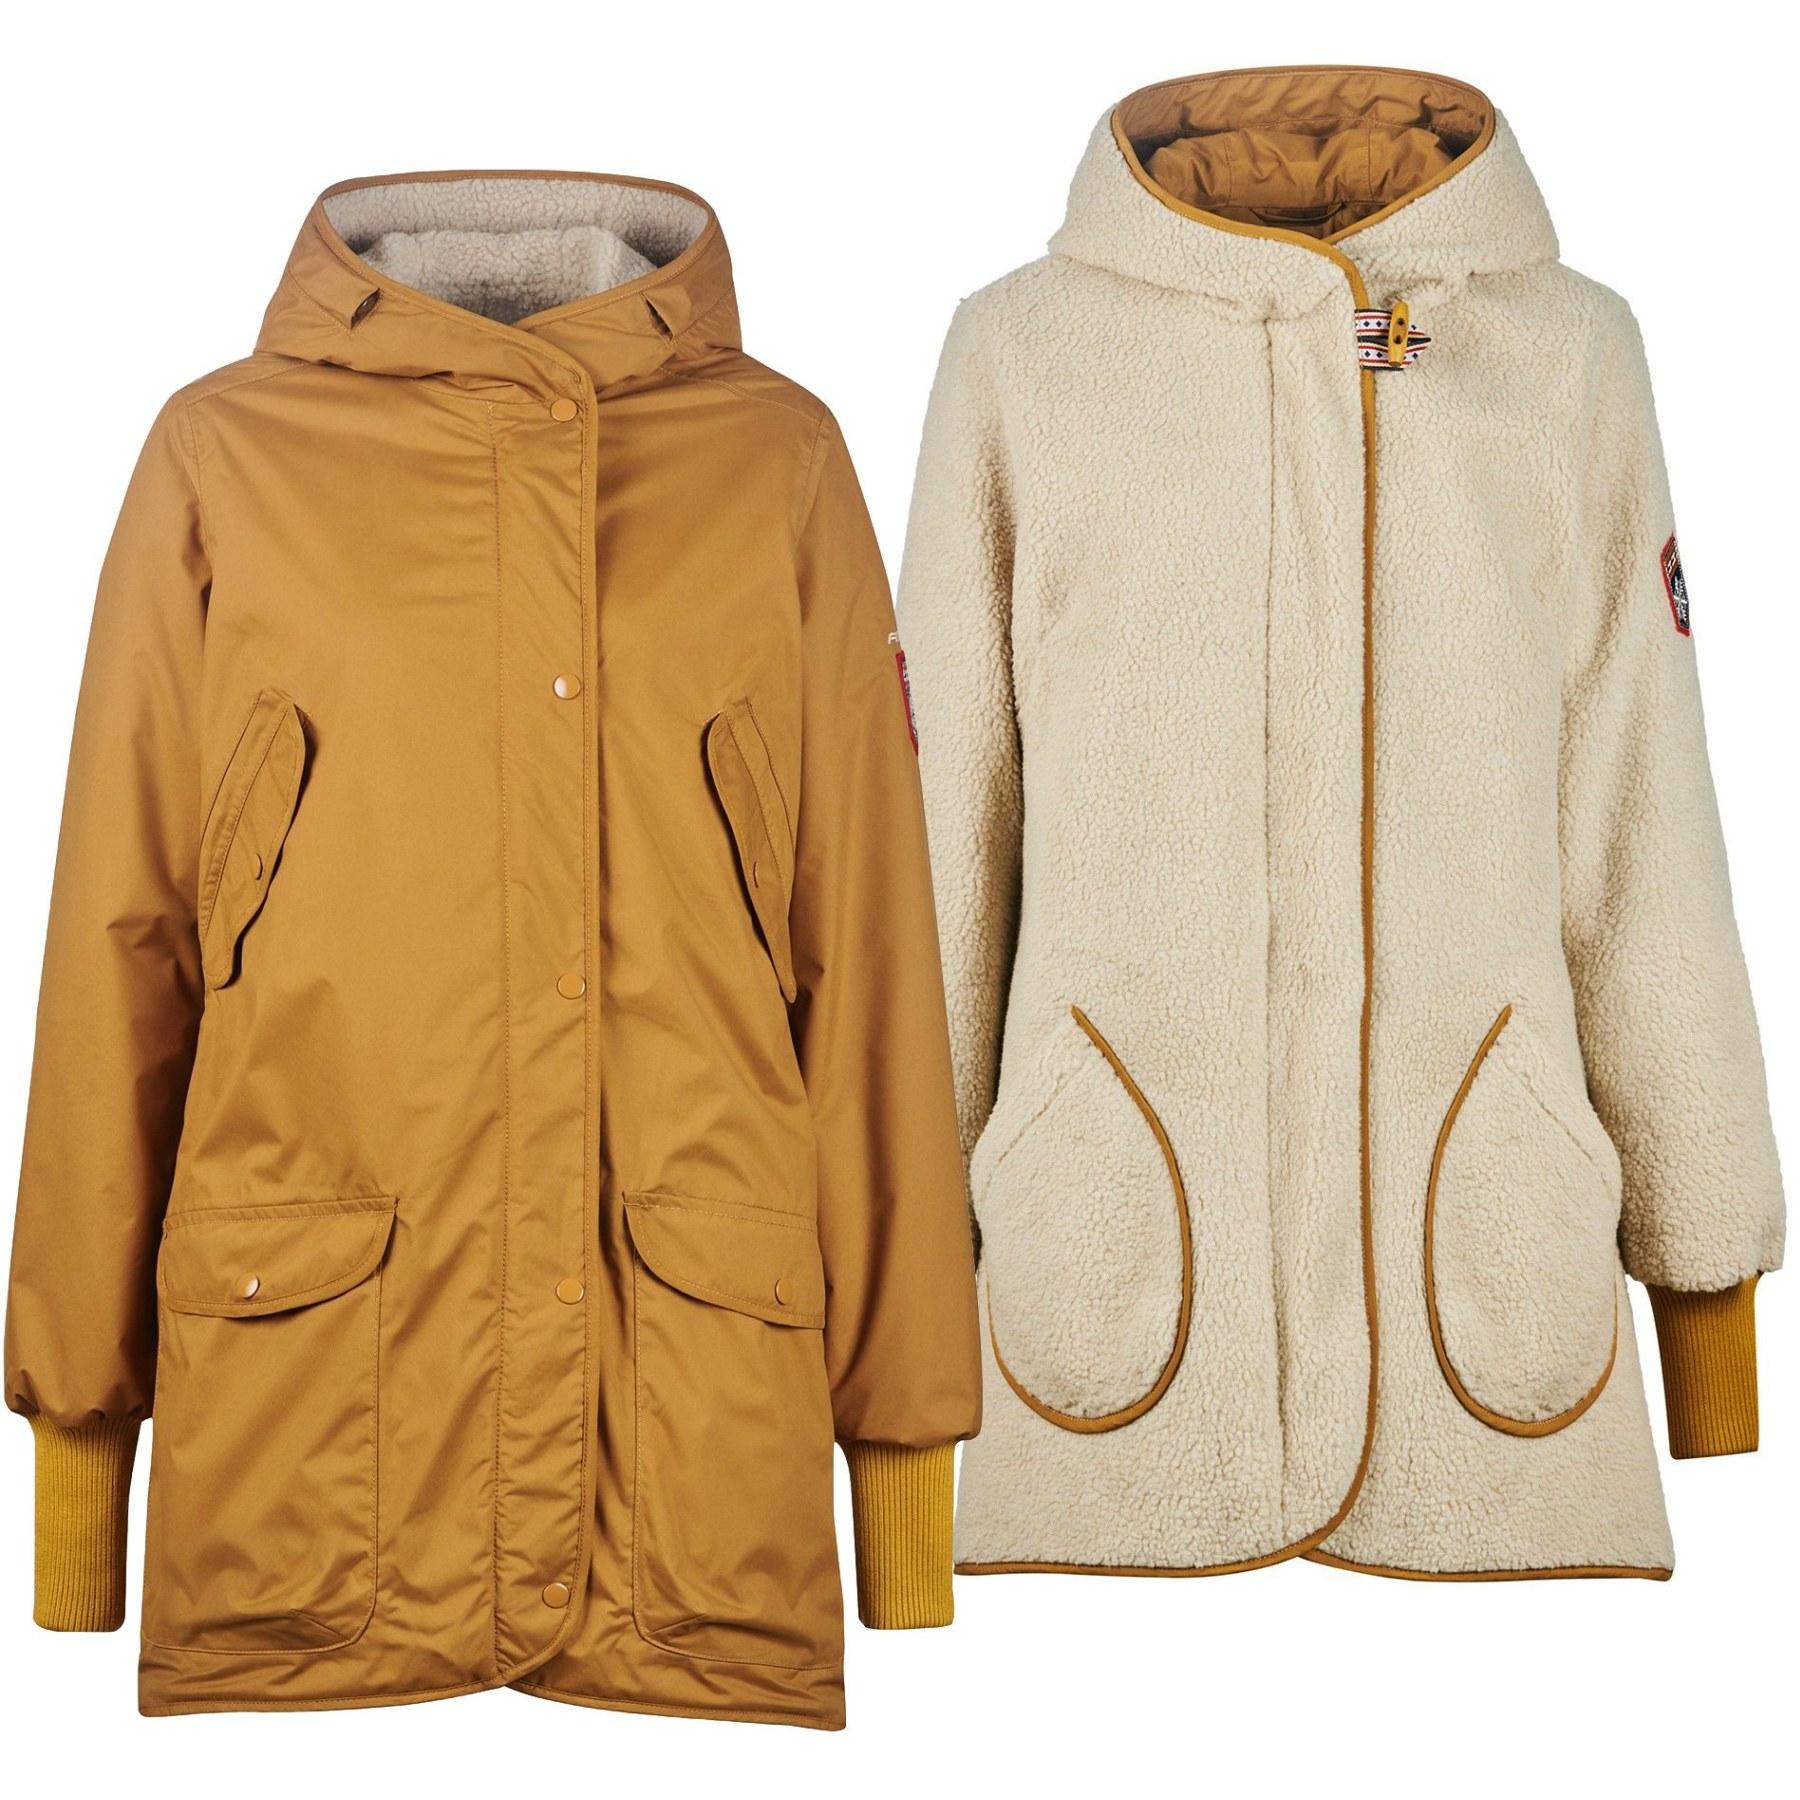 Finside SUOMUKKA Women Reversible Winter Jacket - cinnamon/pebble